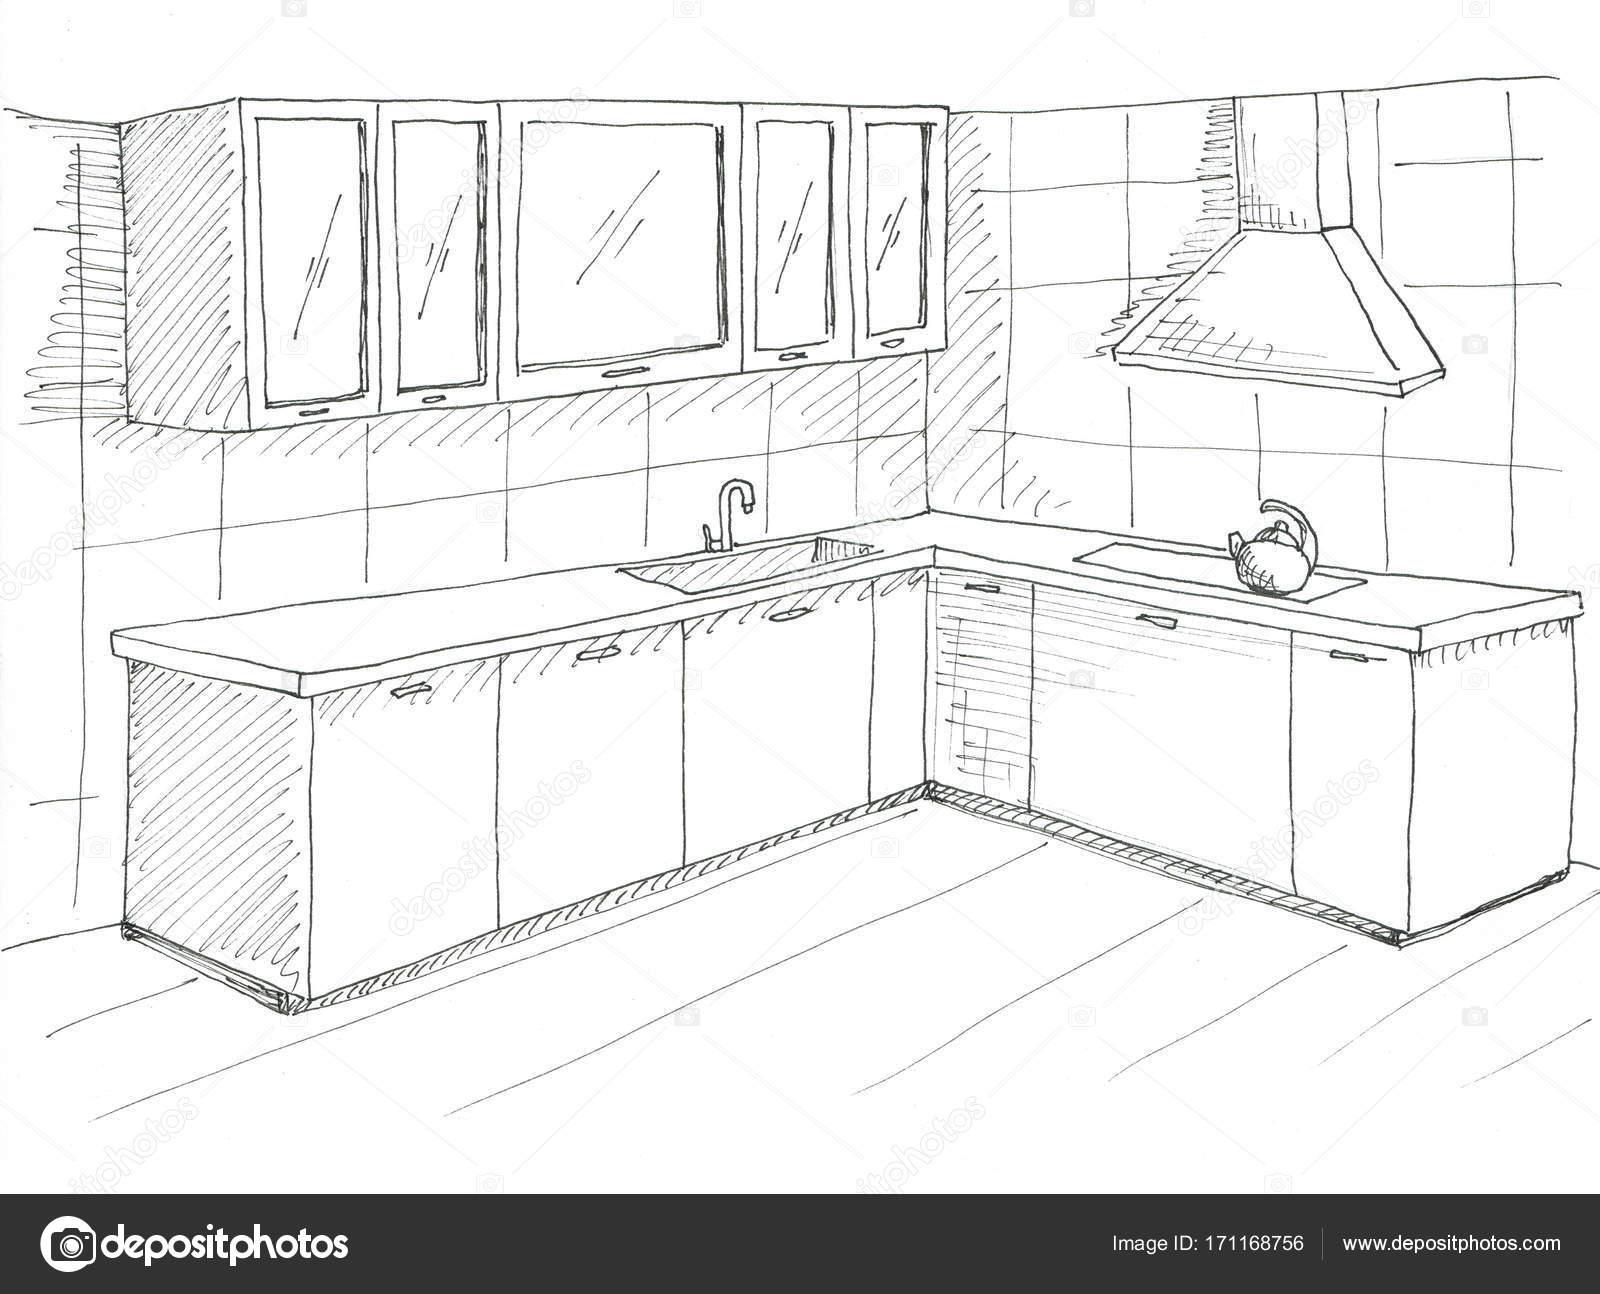 Mobili cucina disegnata a mano. Disegnare con una penna — Foto Stock ...